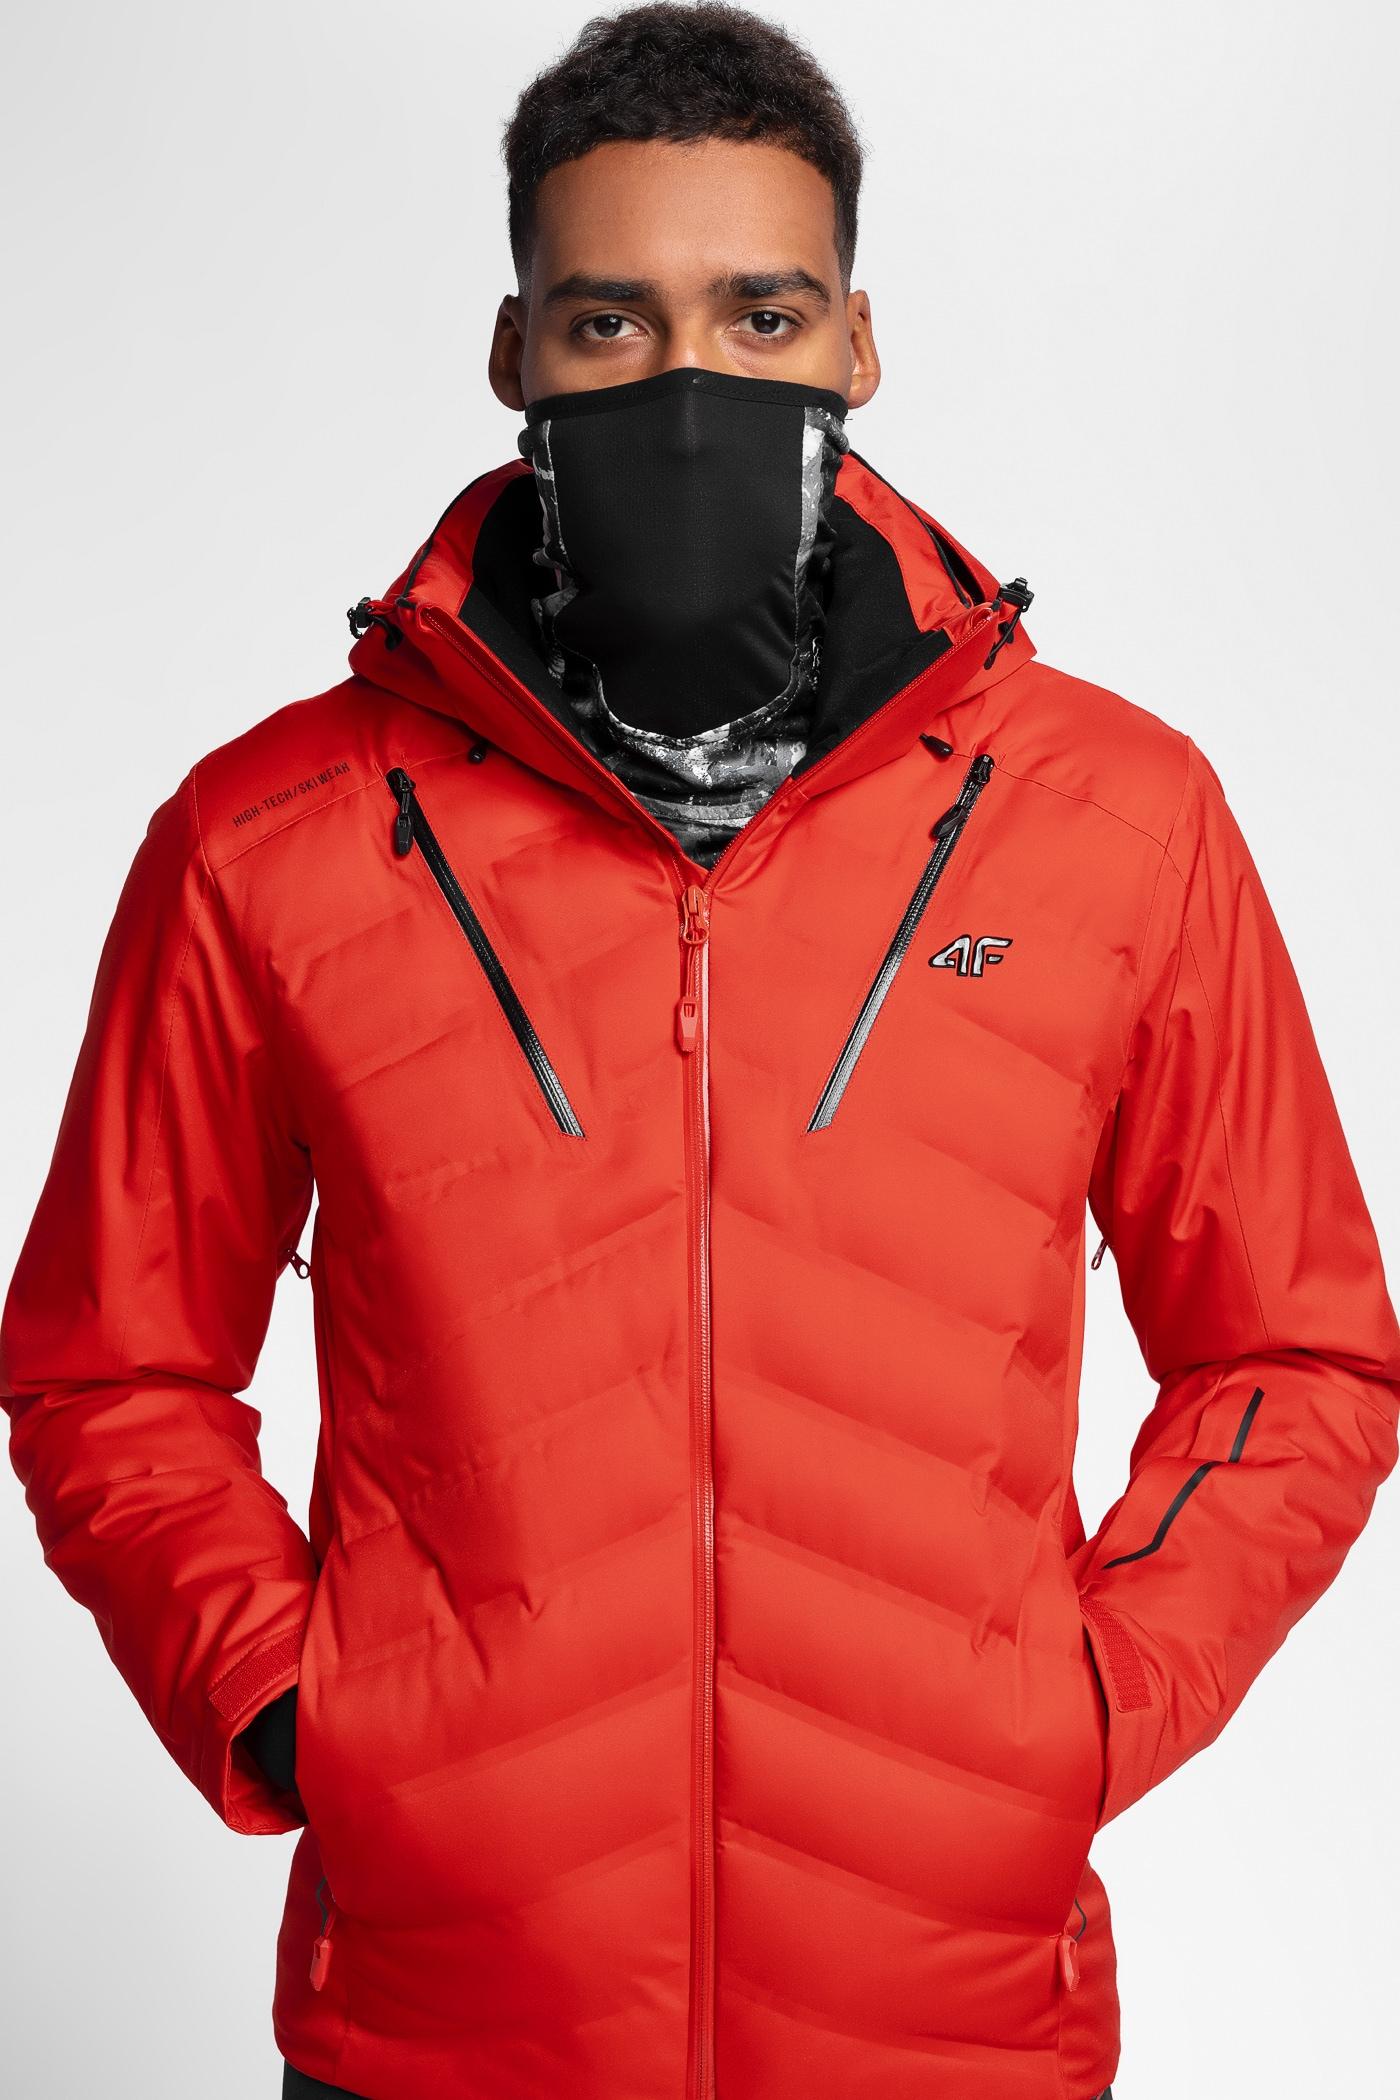 87201e82d Men's ski jacket HQ Performance KUMN150 - red